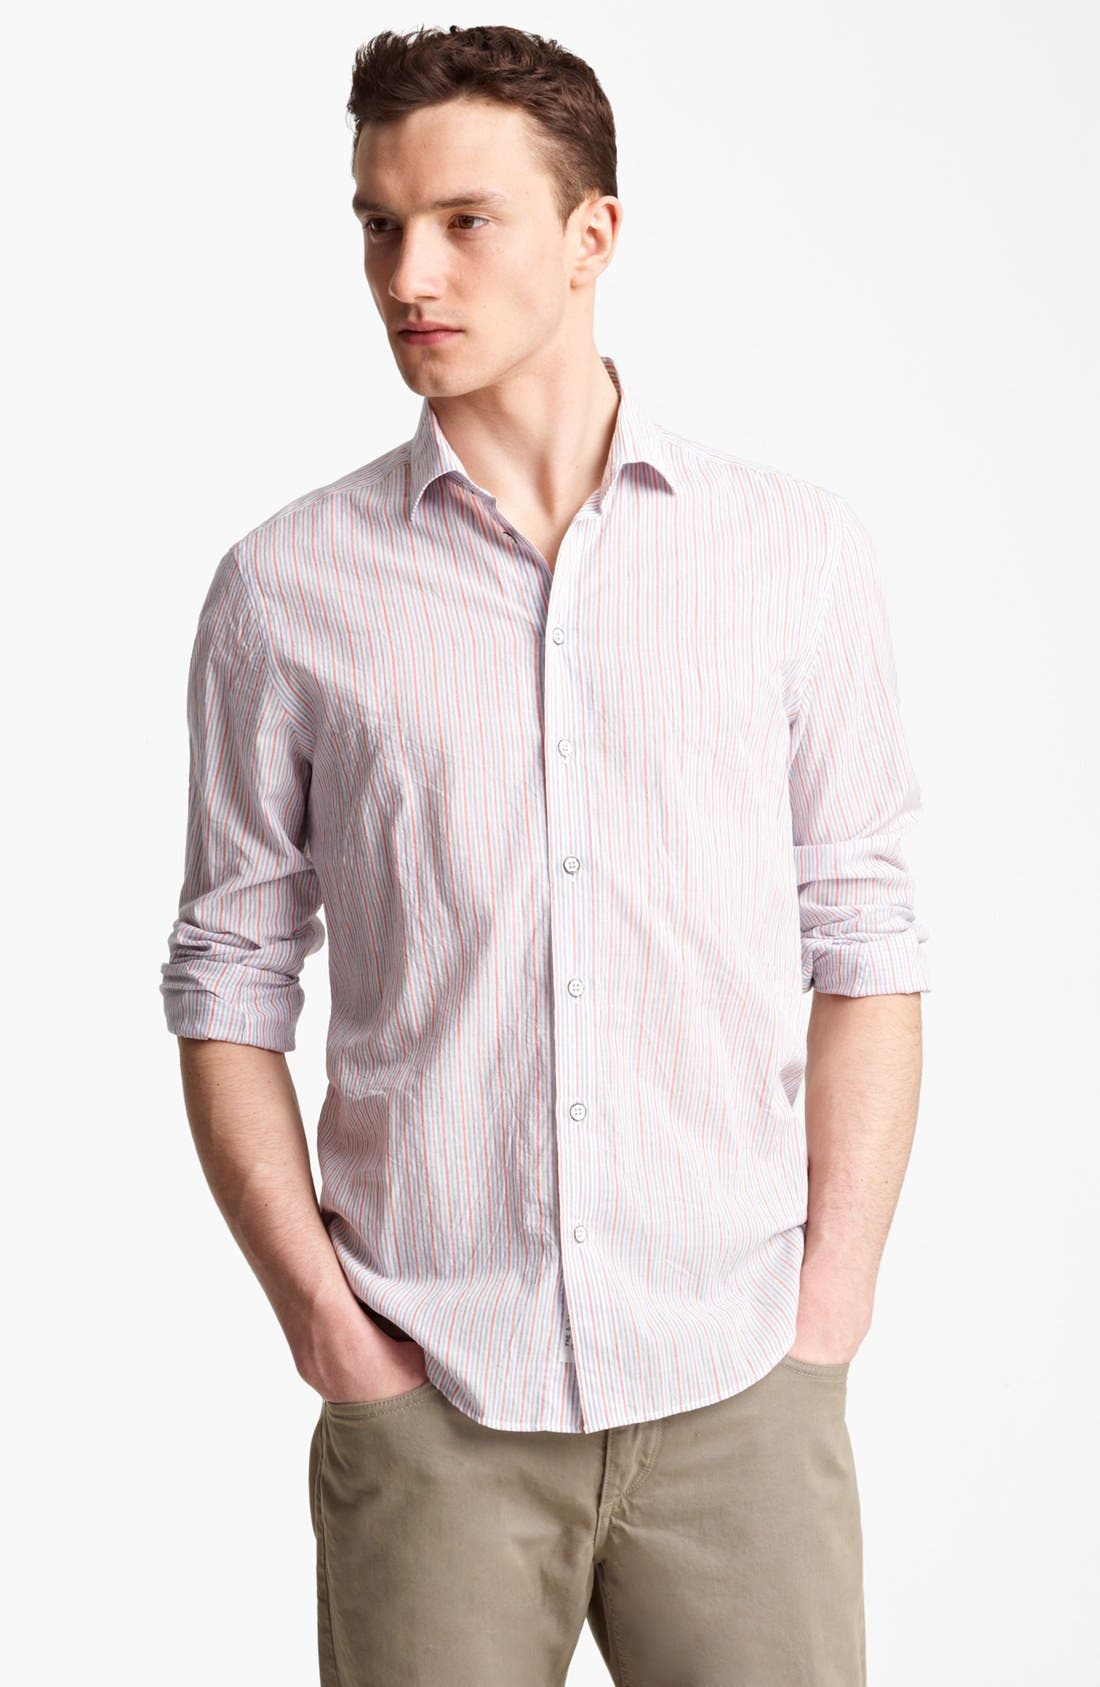 Alternate Image 1 Selected - rag & bone 'Charles' Stripe Woven Shirt